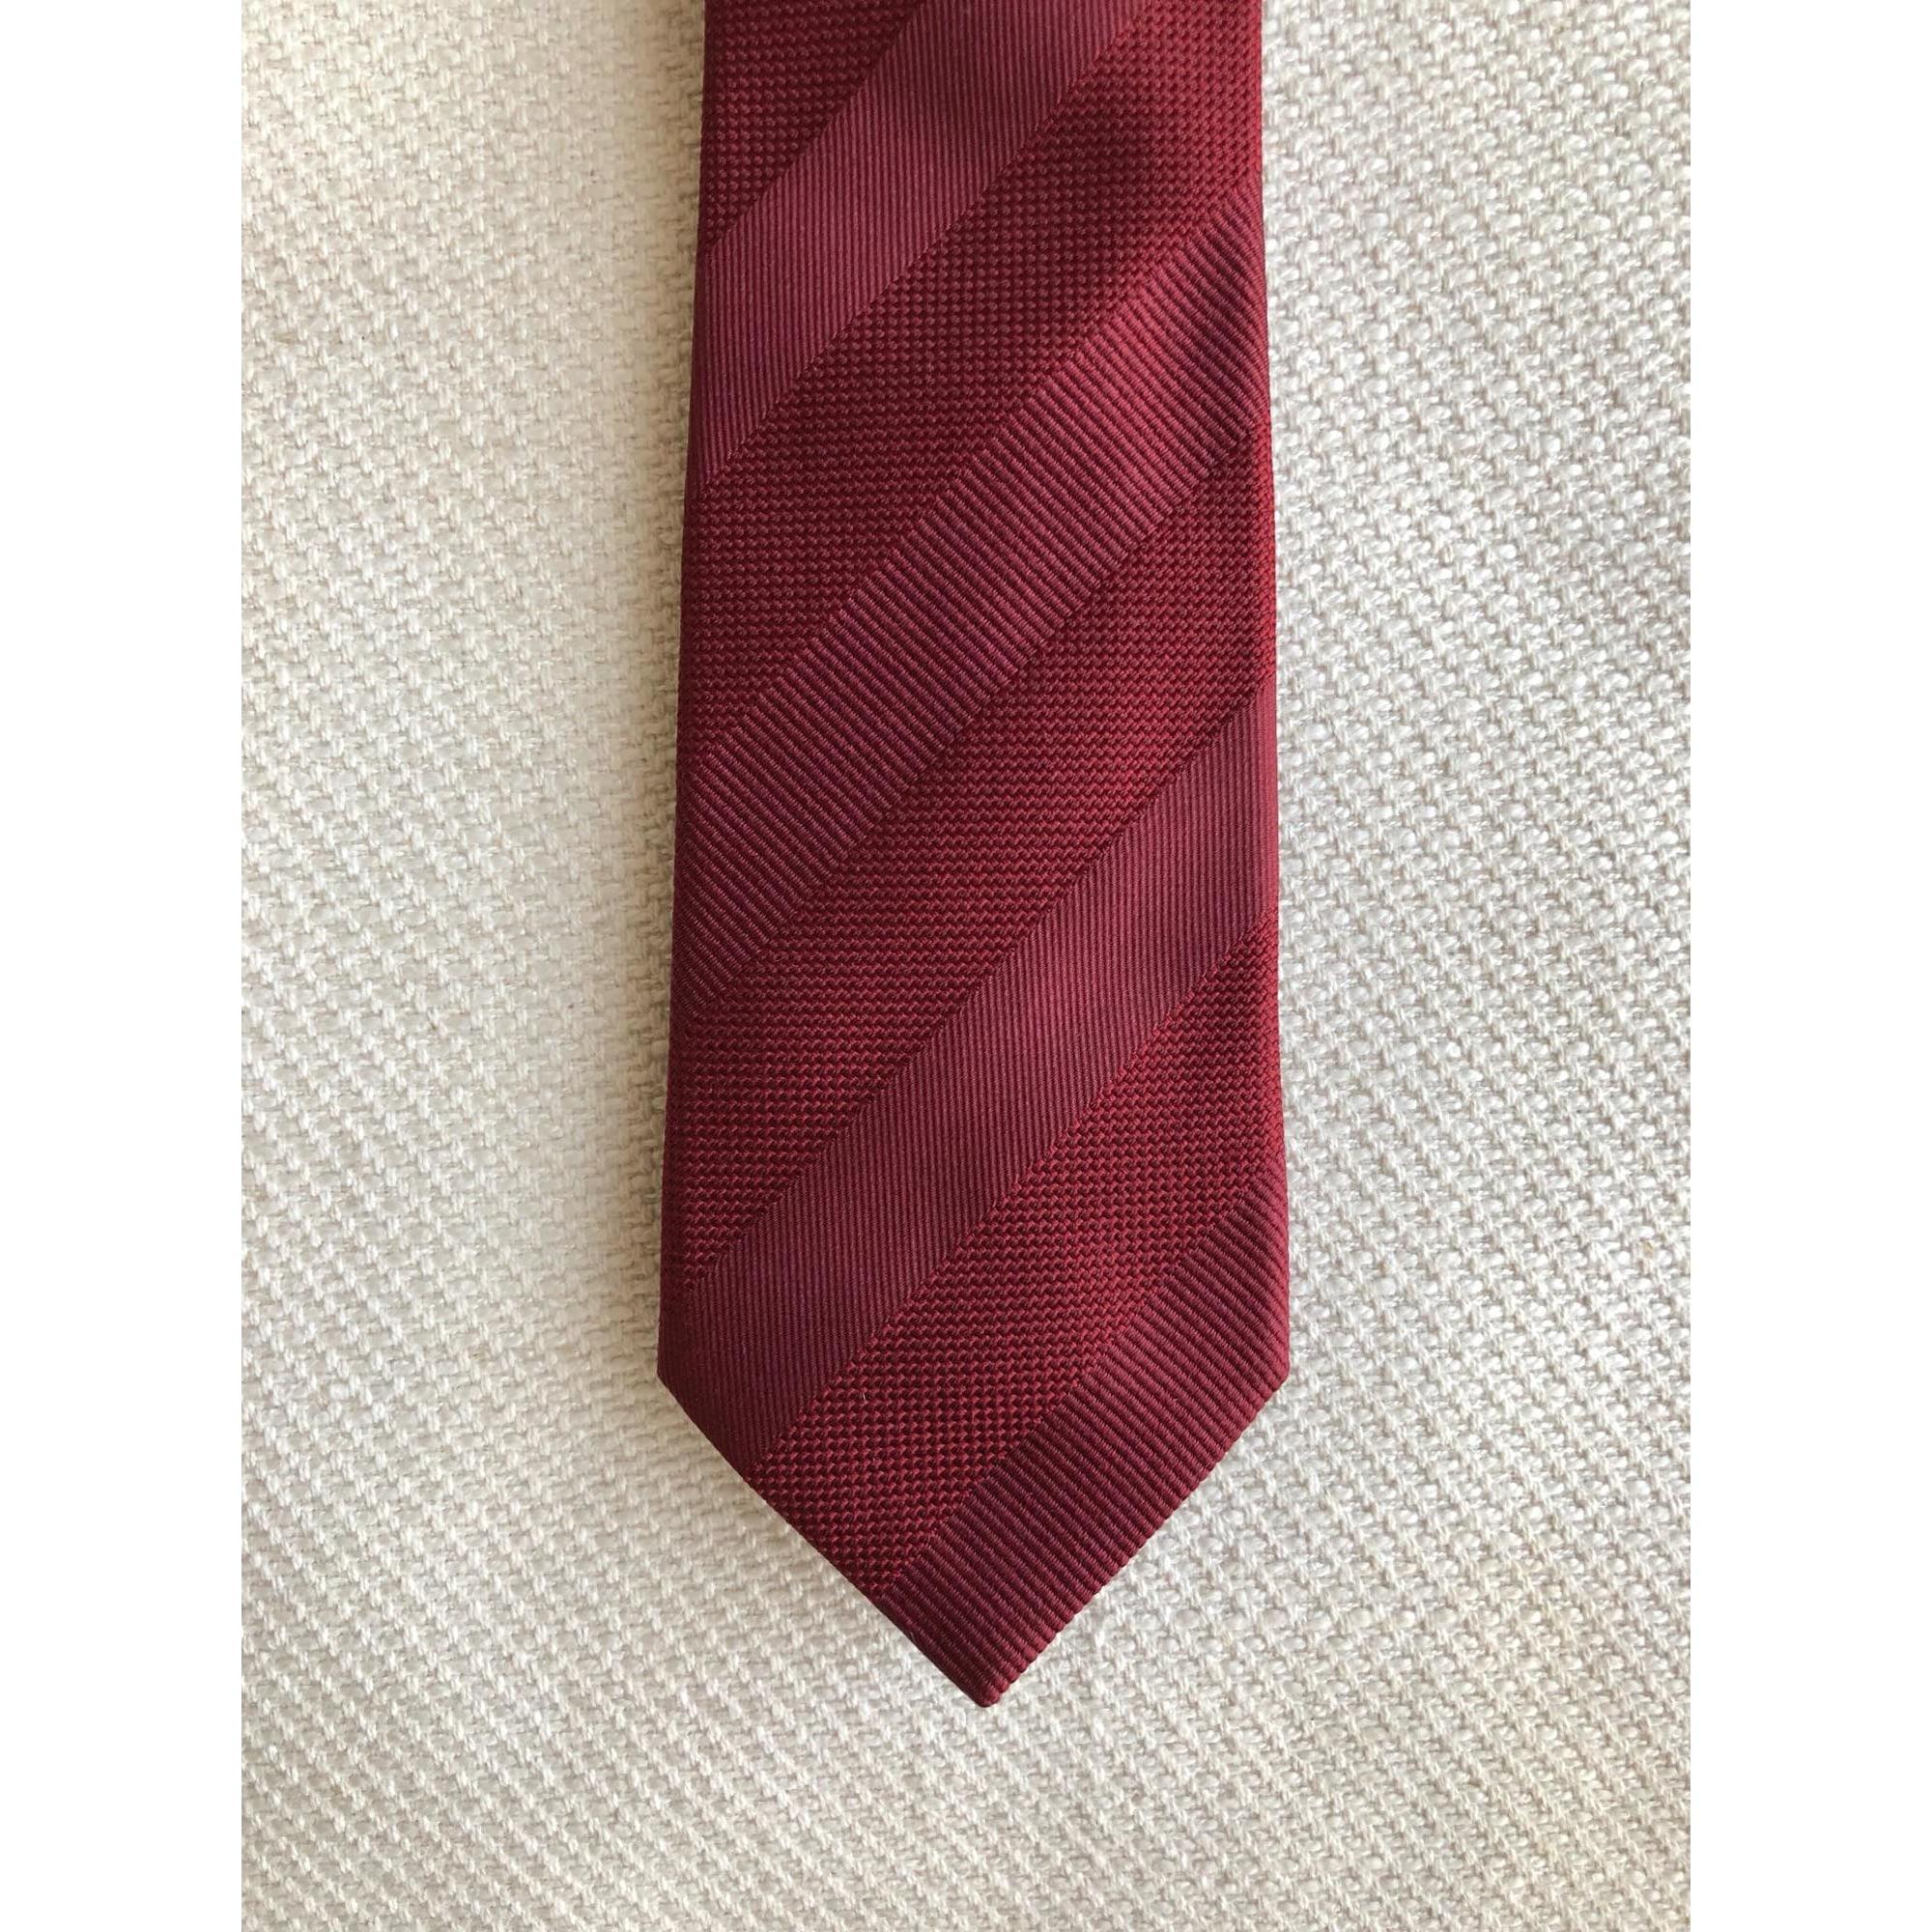 Cravate PAUL SMITH Rouge, bordeaux